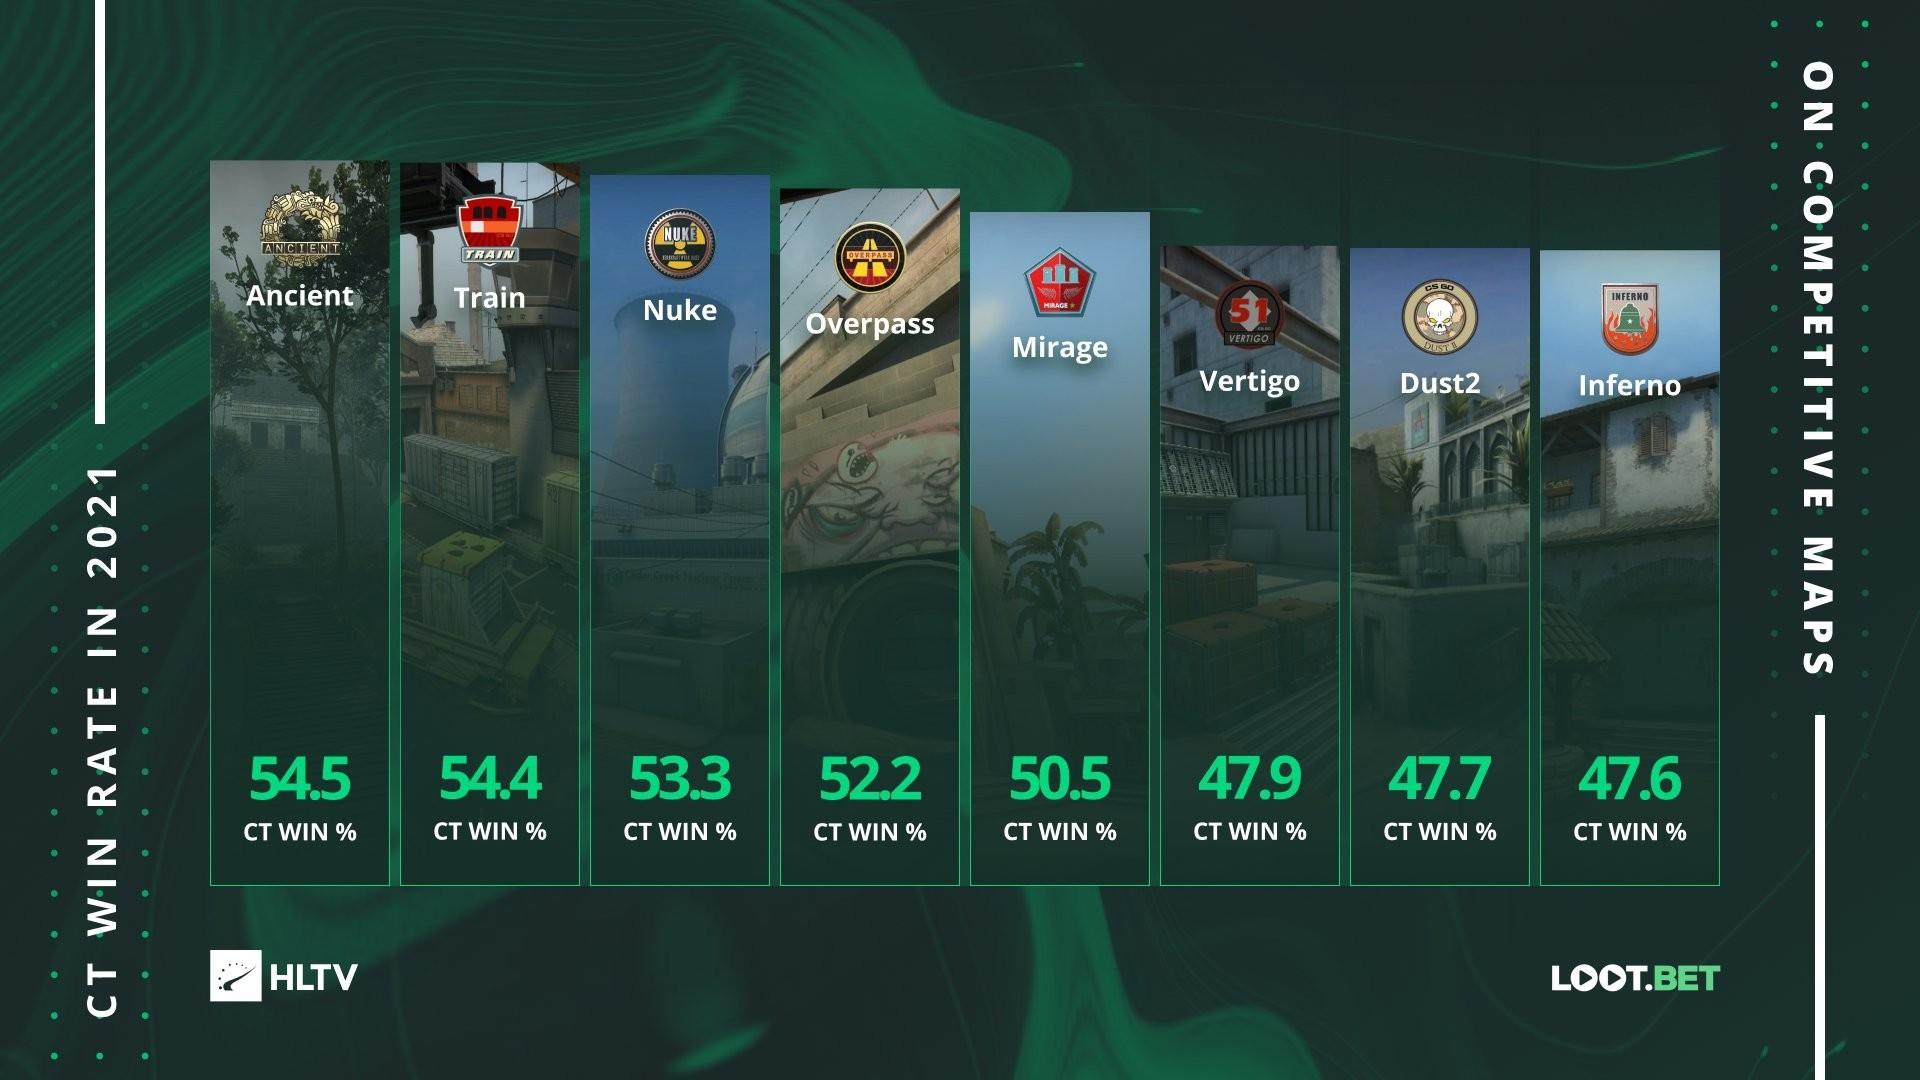 Ancient в CS:GO лучшая карта за защиту — на Inferno желательно начинать за атаку